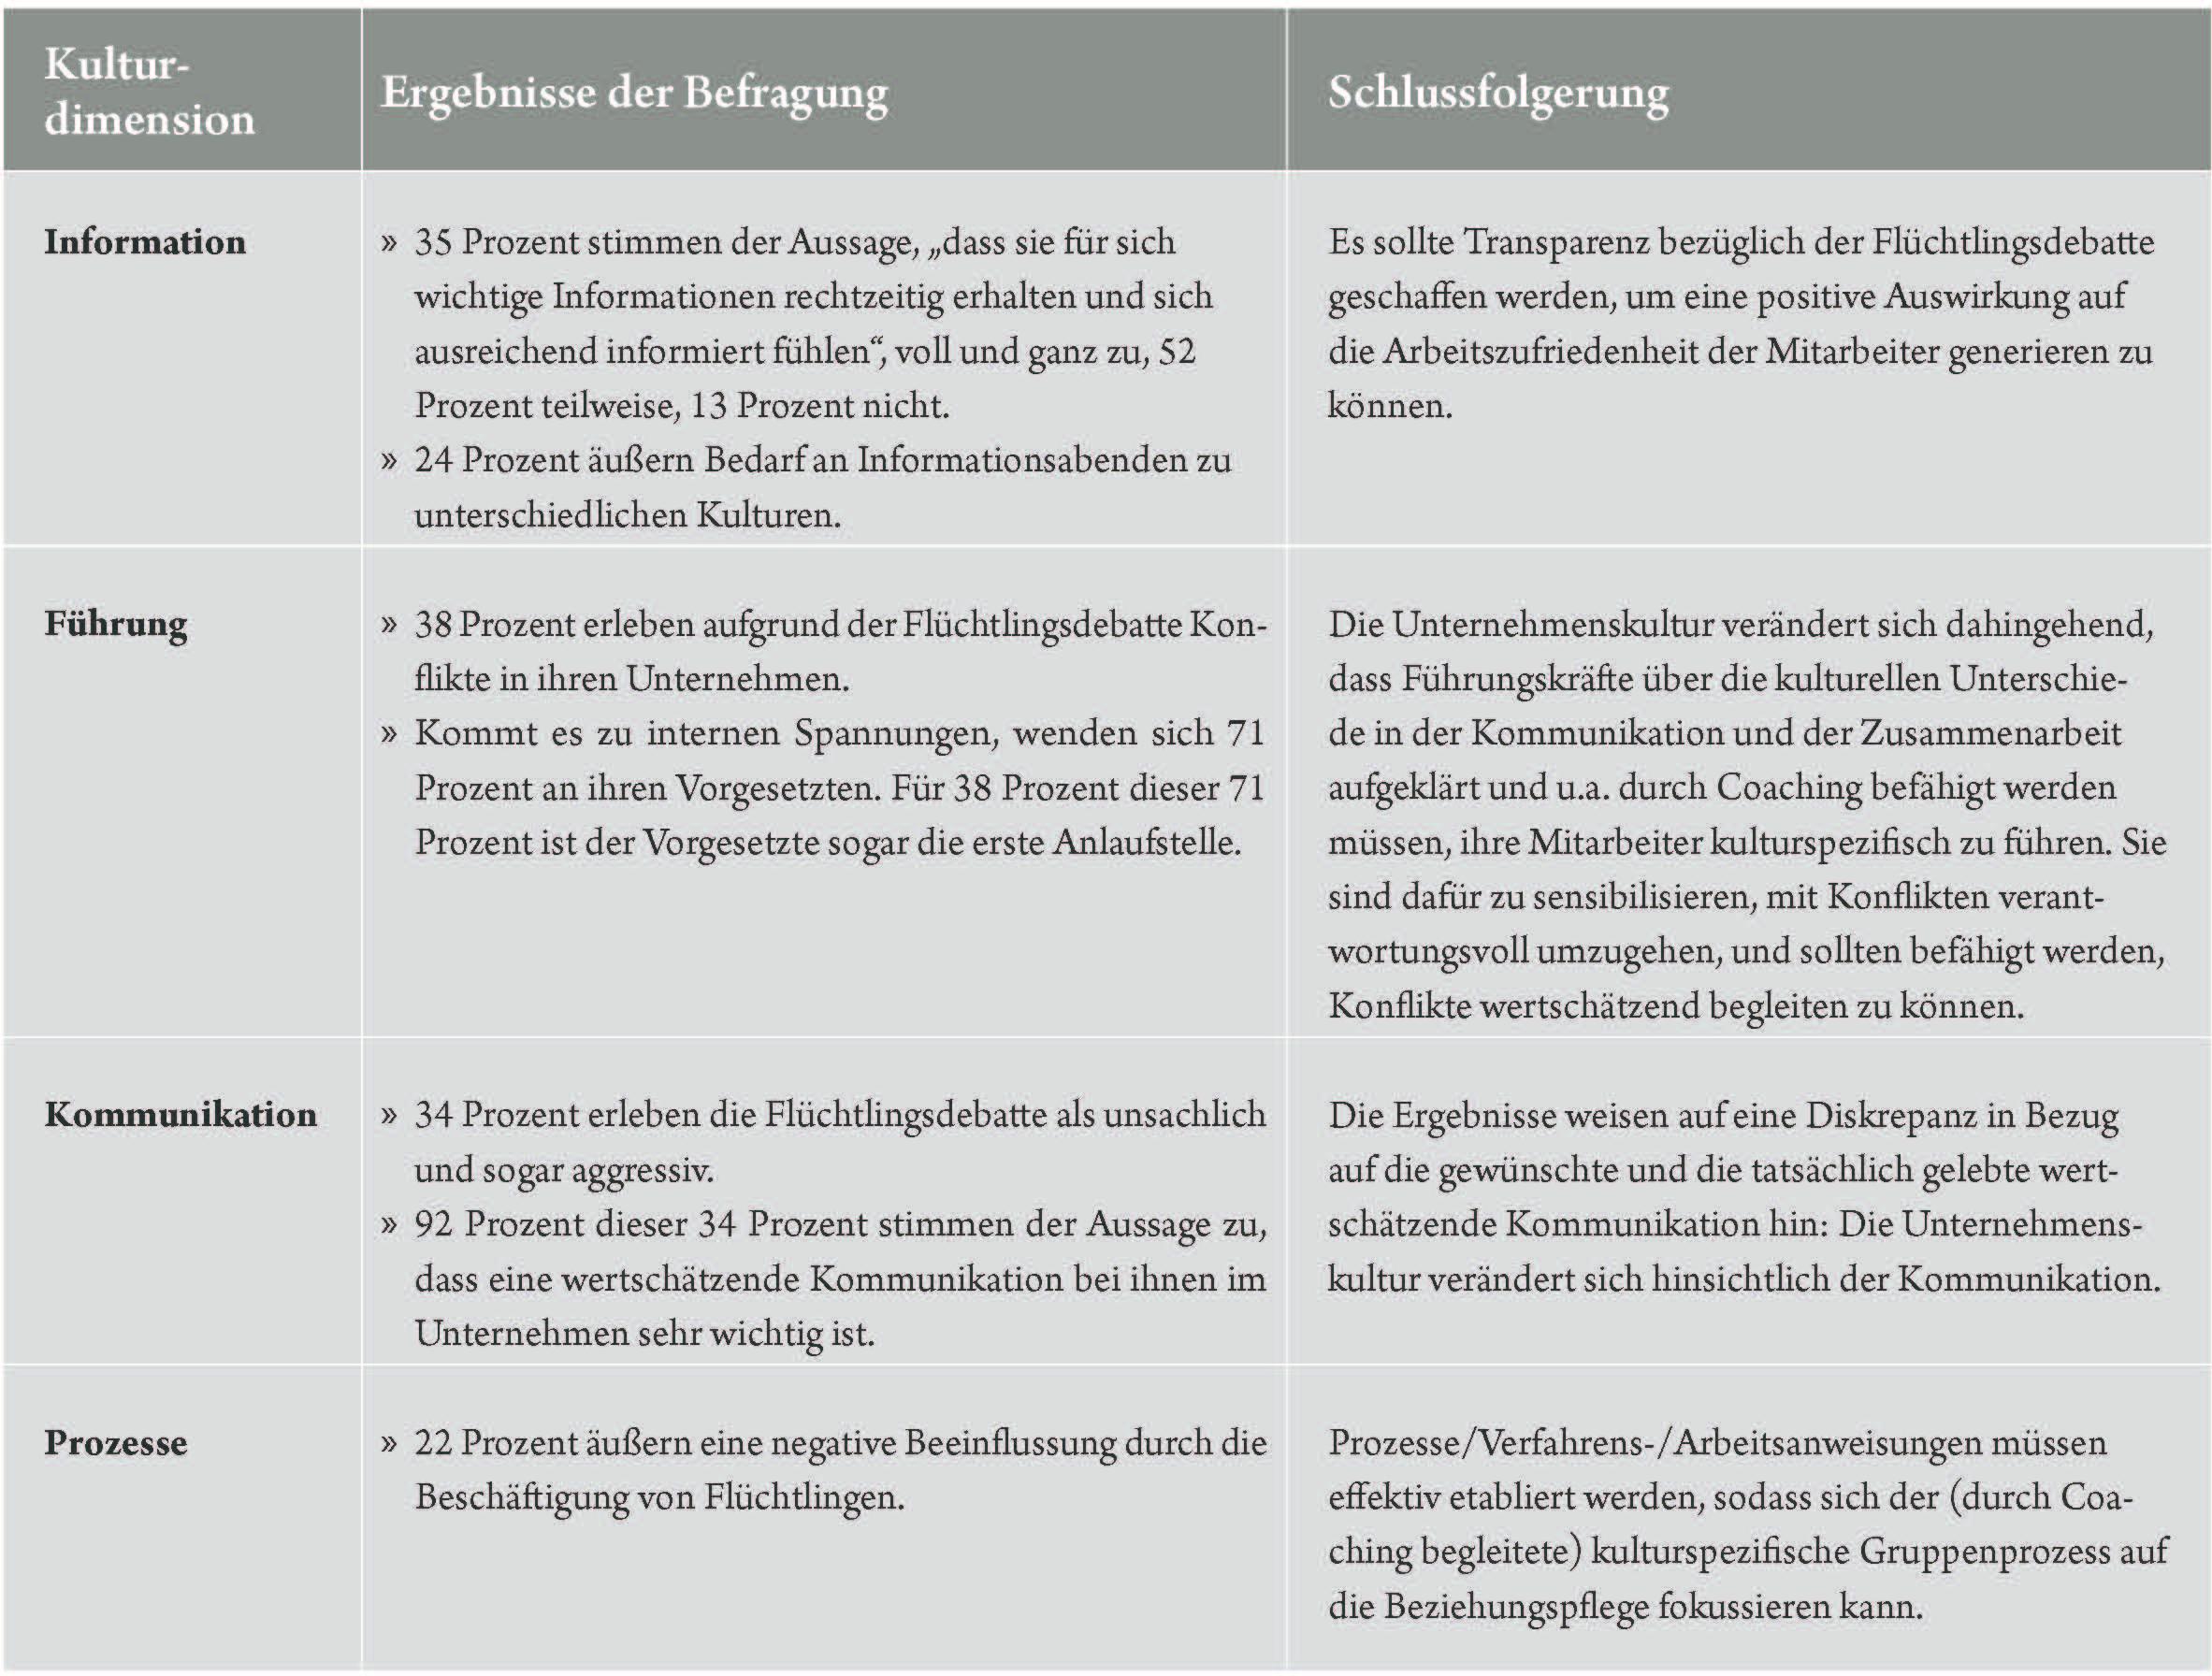 Unternehmenskultur im Kontext der Flüchtlingsdebatte